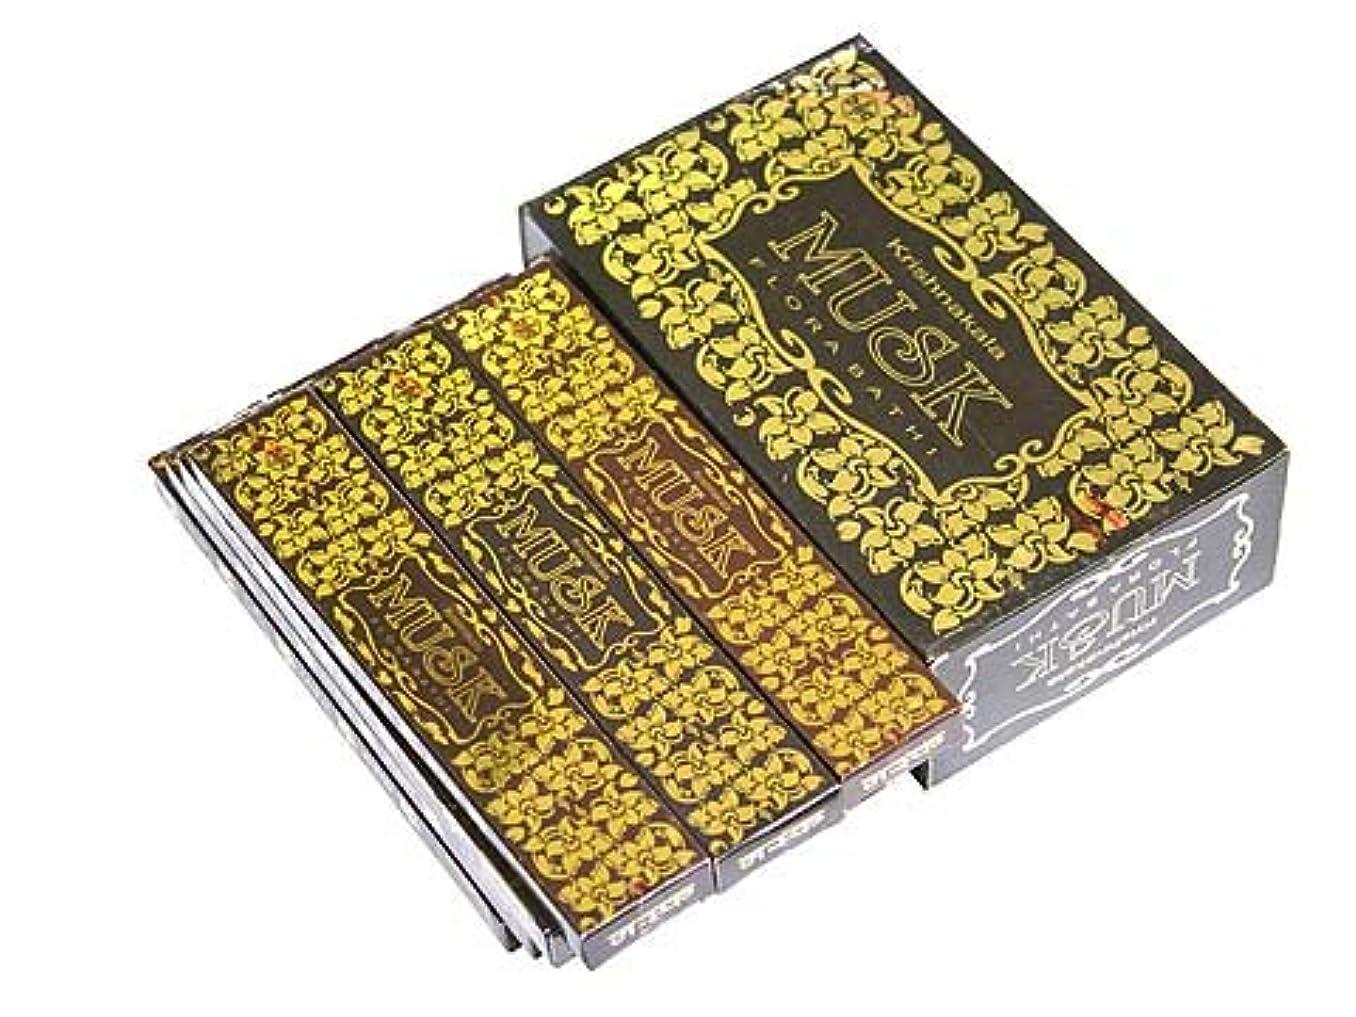 フィヨルドアナウンサー目に見えるA-RAVI RAG(エーラビ ラグ) ムスク香 スティック MUSK 12箱セット